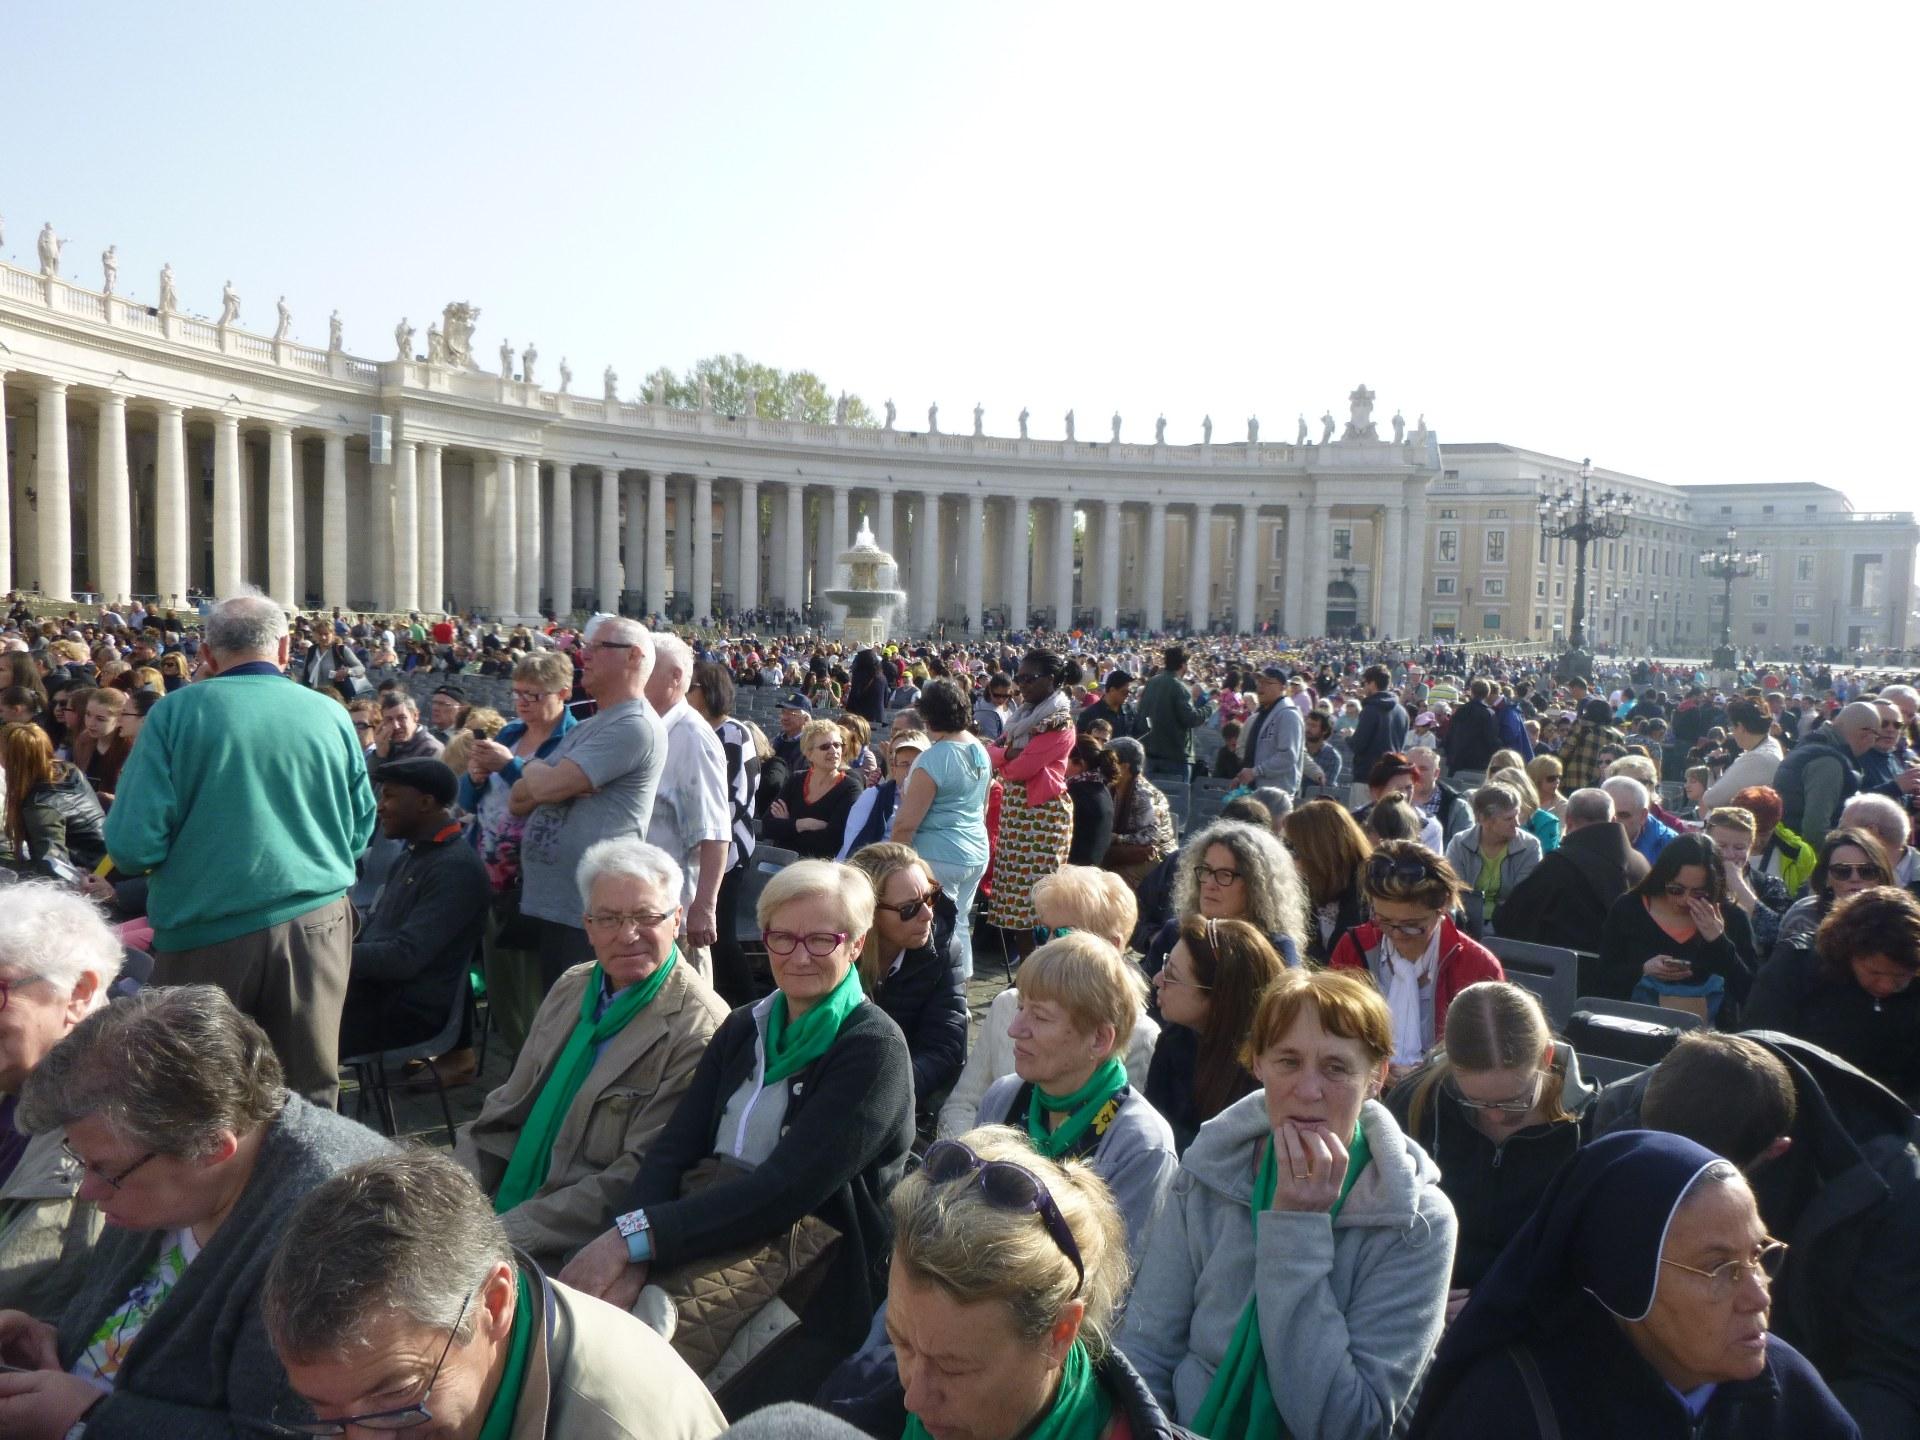 Images - Stald - Rome Printemps 2016 - 04:06 - 38